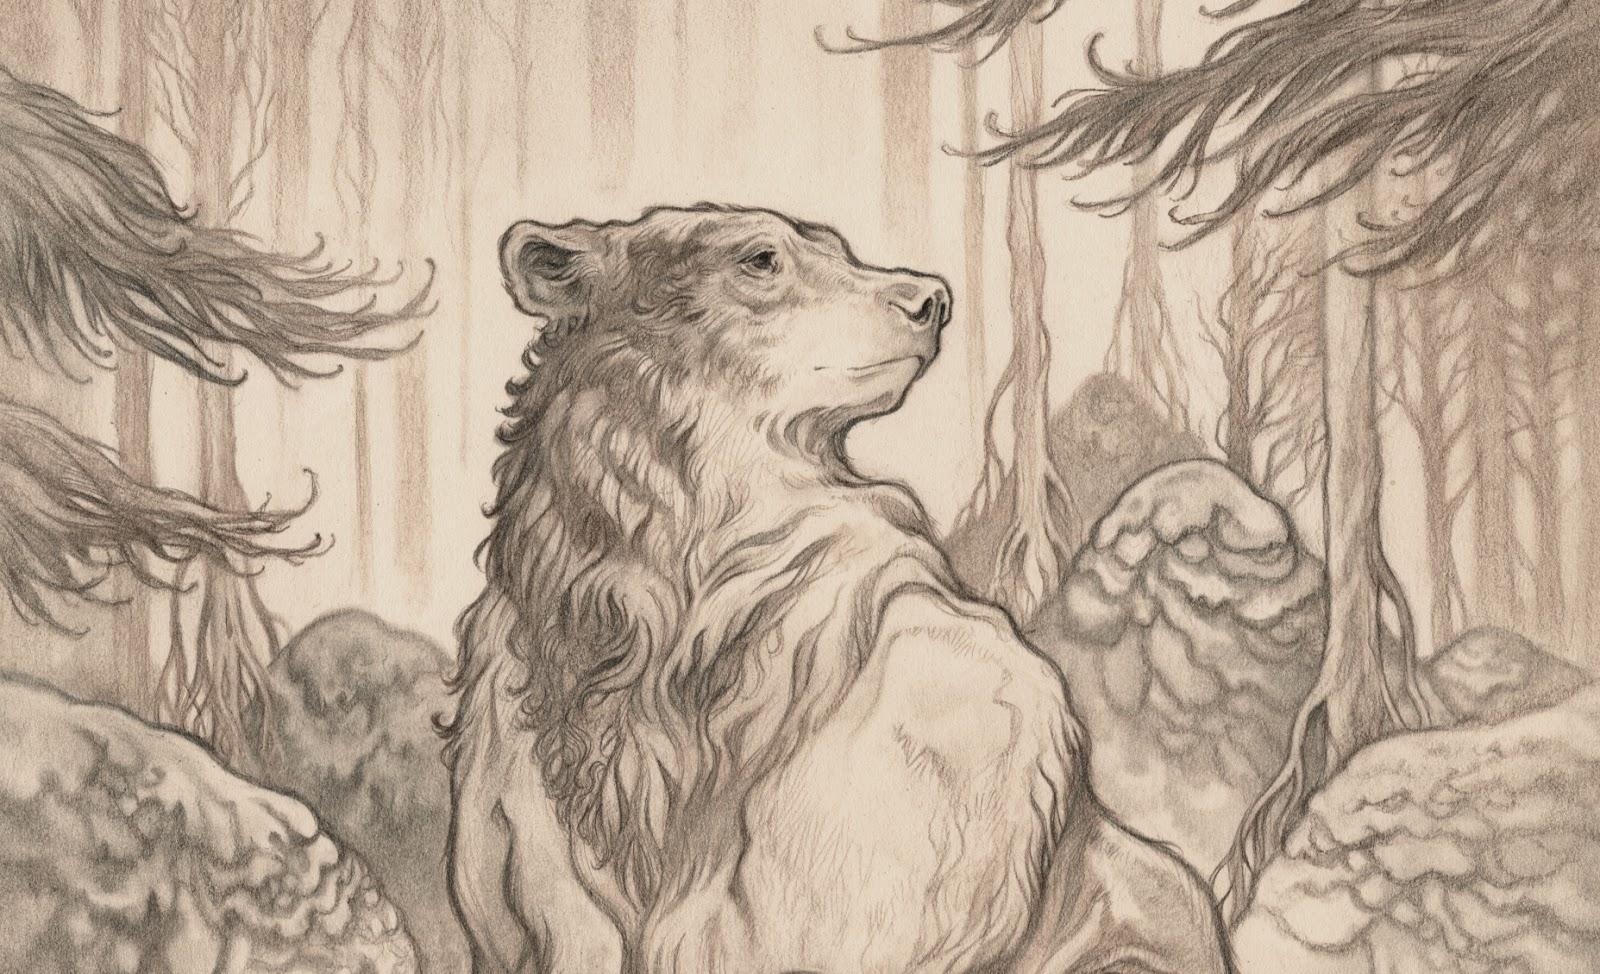 Ursus Amentia, or The Bear Madness